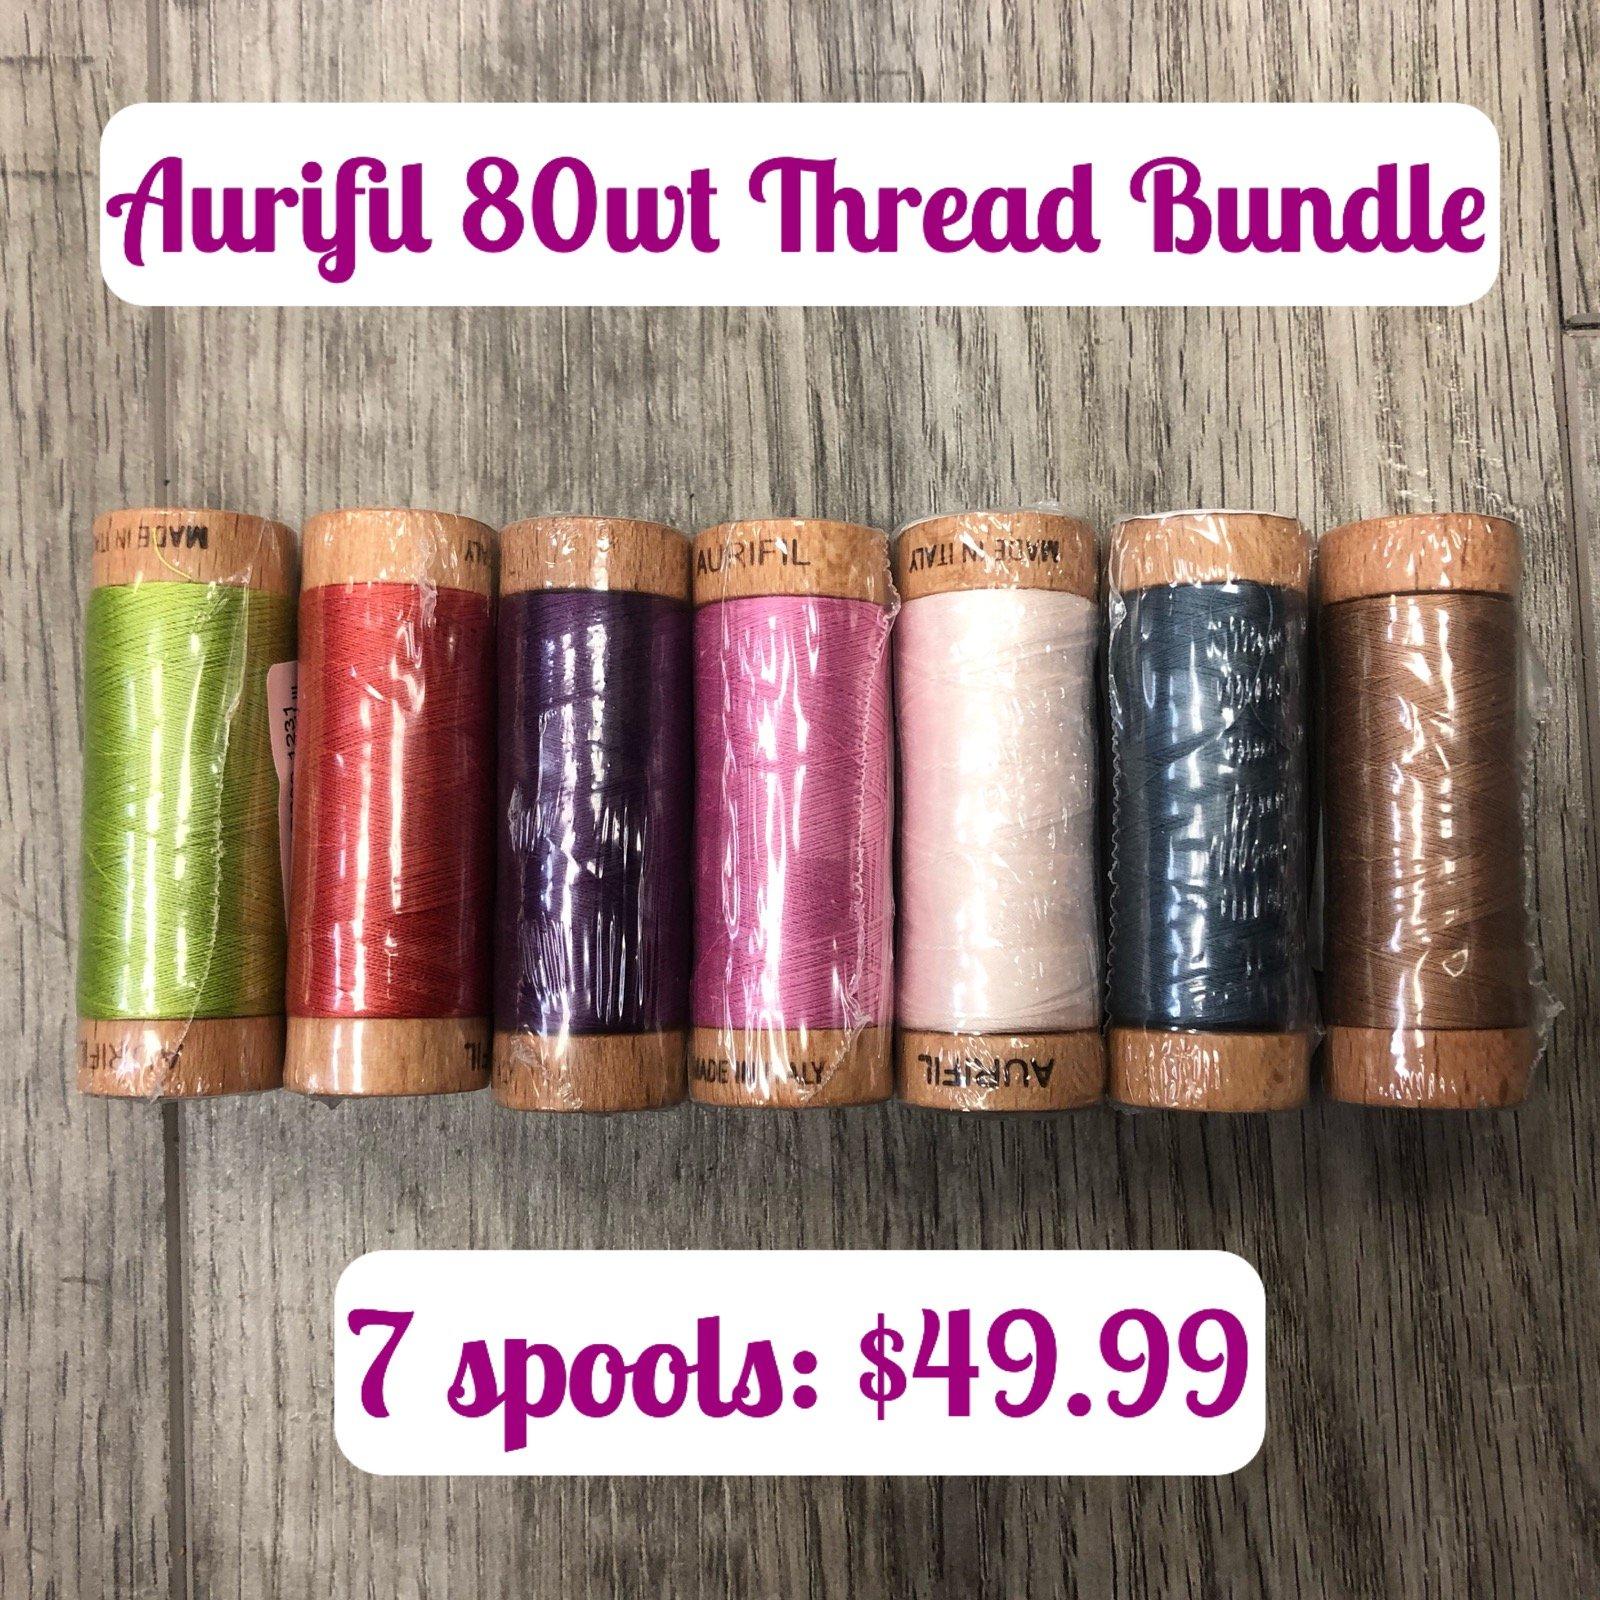 Aurifil Thread Kit 80 wt Bundle (7 Spools)